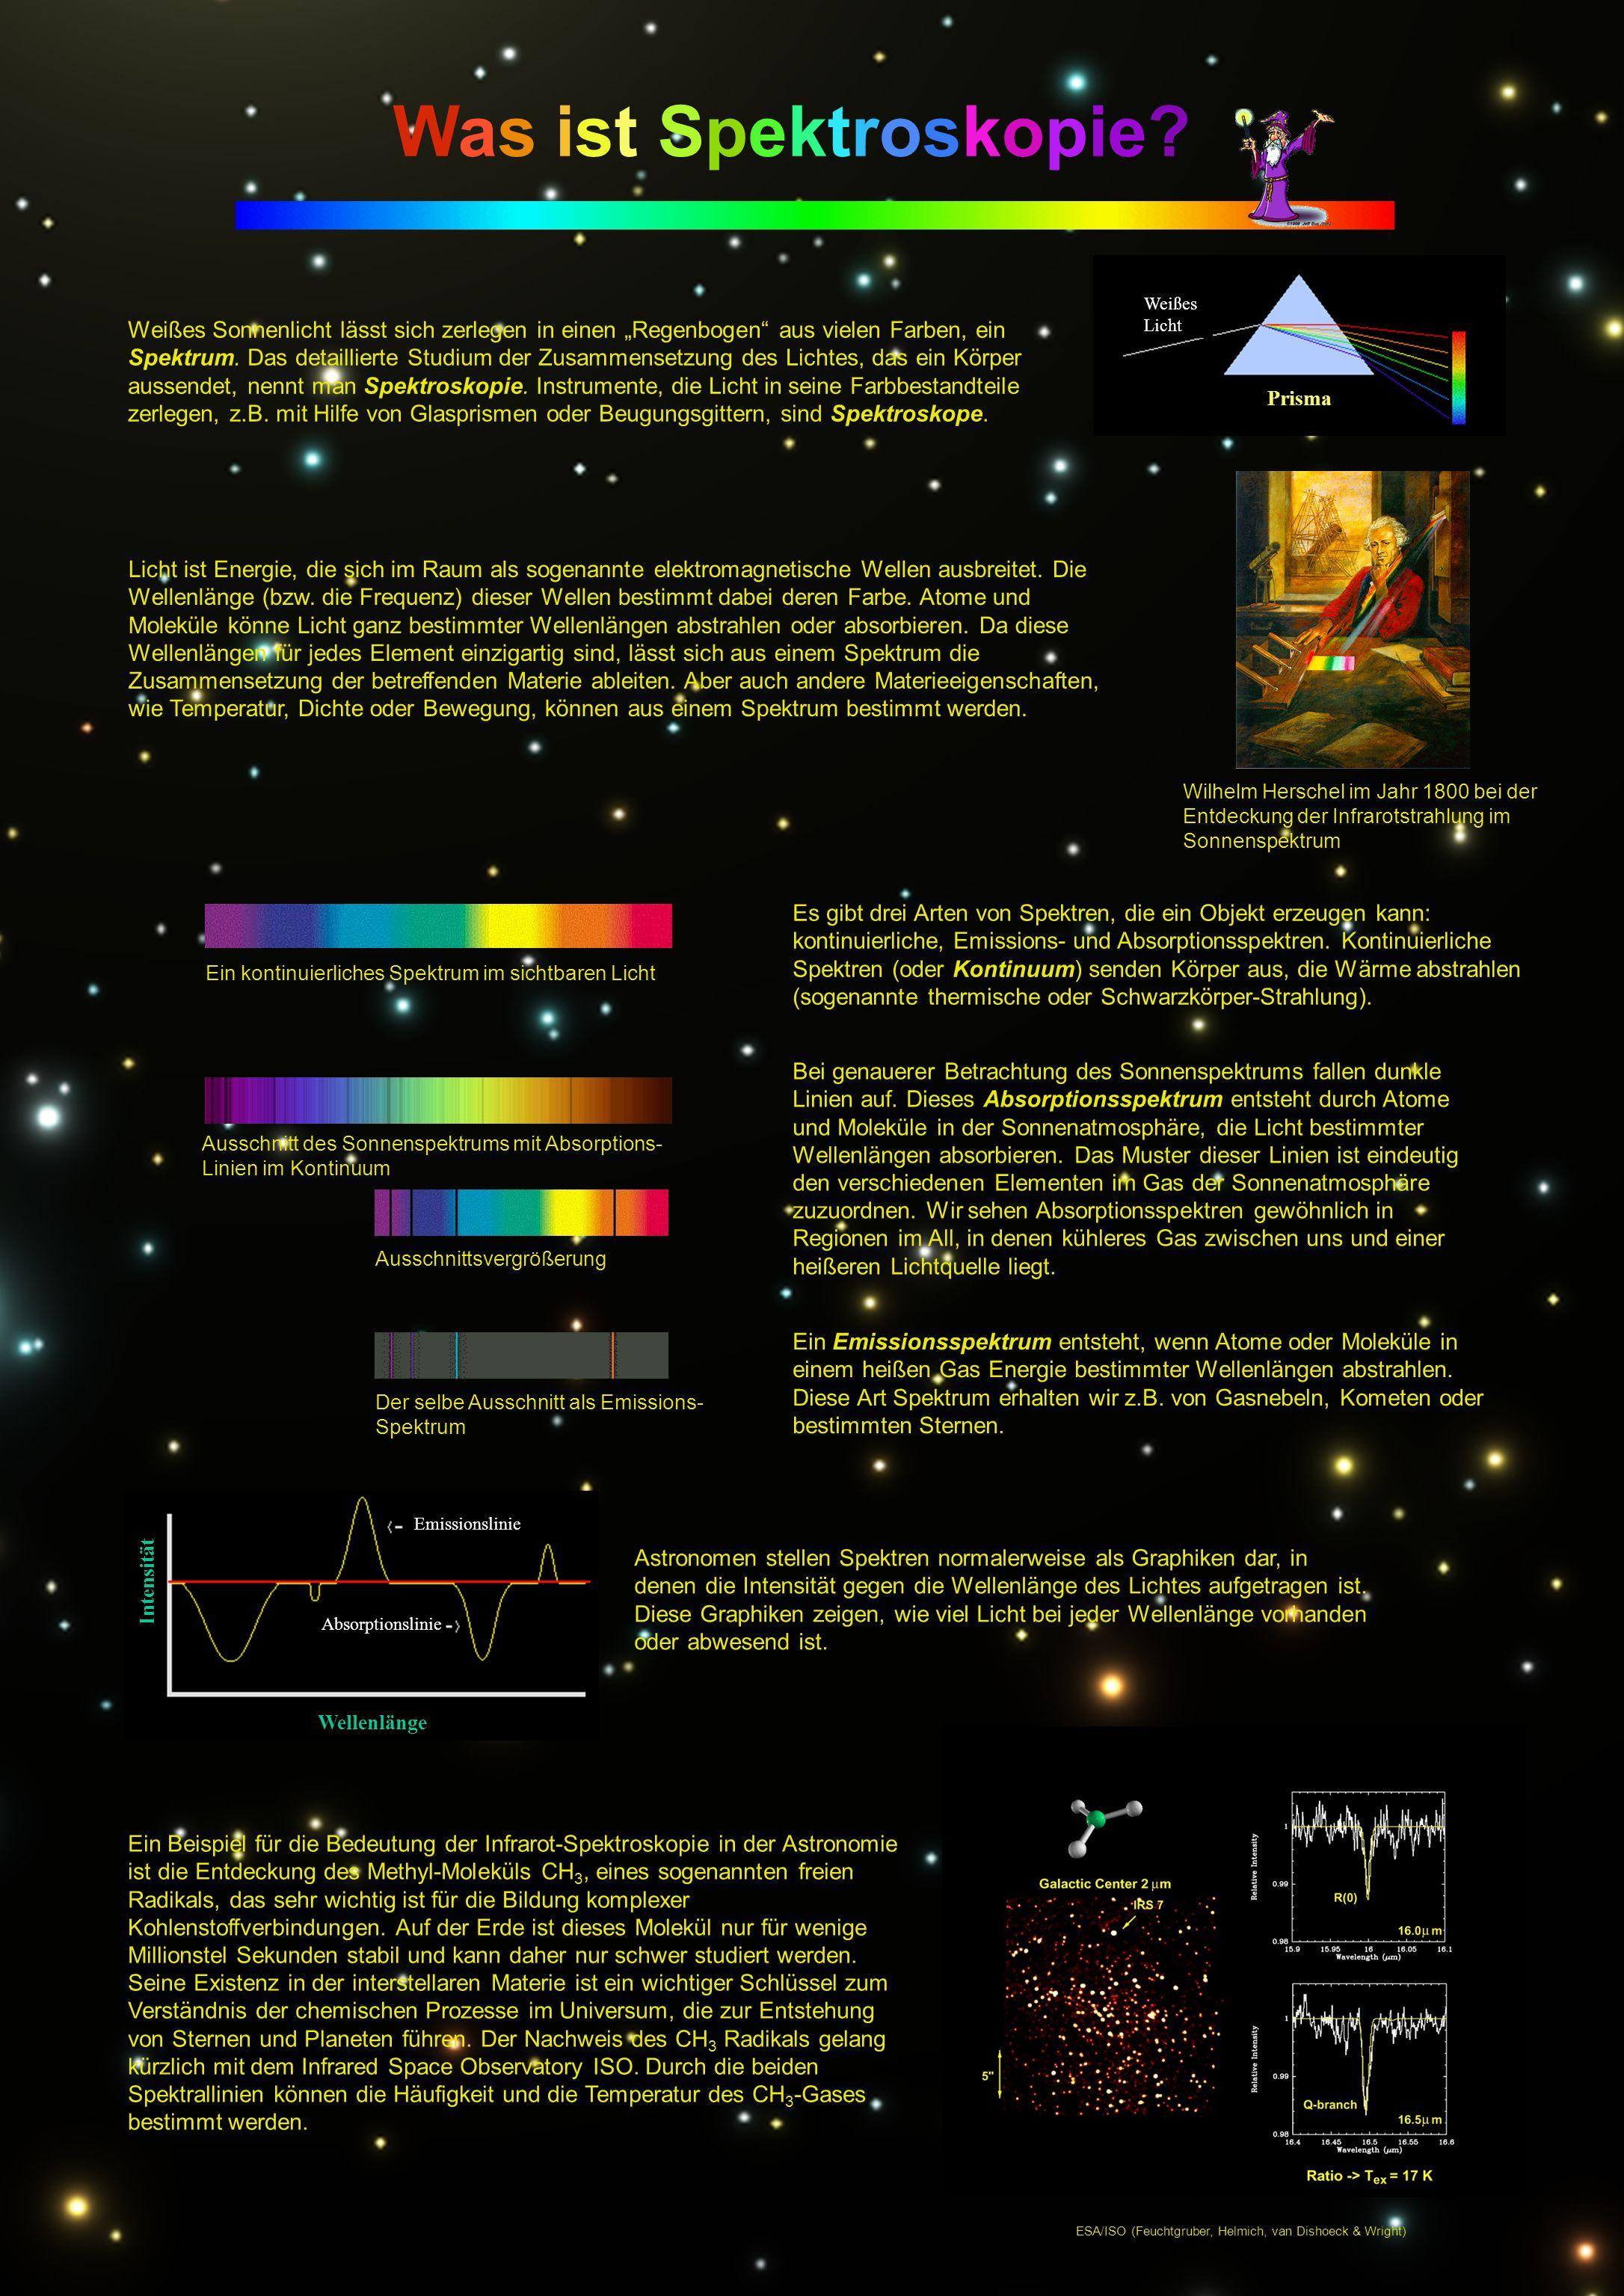 Weißes Sonnenlicht lässt sich zerlegen in einen Regenbogen aus vielen Farben, ein Spektrum. Das detaillierte Studium der Zusammensetzung des Lichtes,